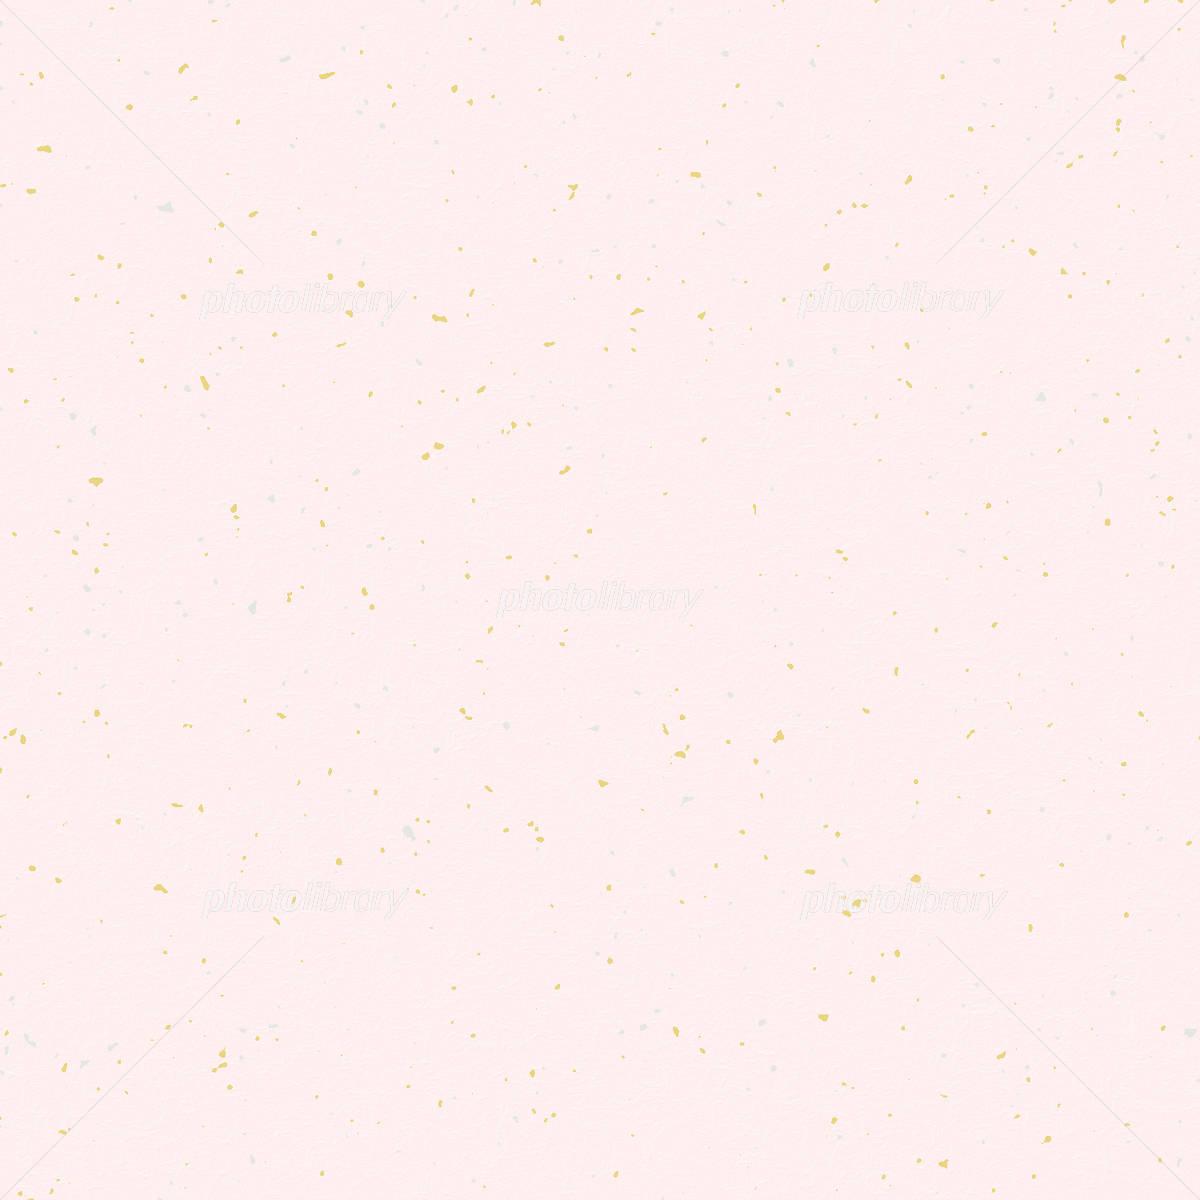 金箔入り和紙 イラスト 背景 桃色 イラスト素材 [ 4953431 ] - フォト ...